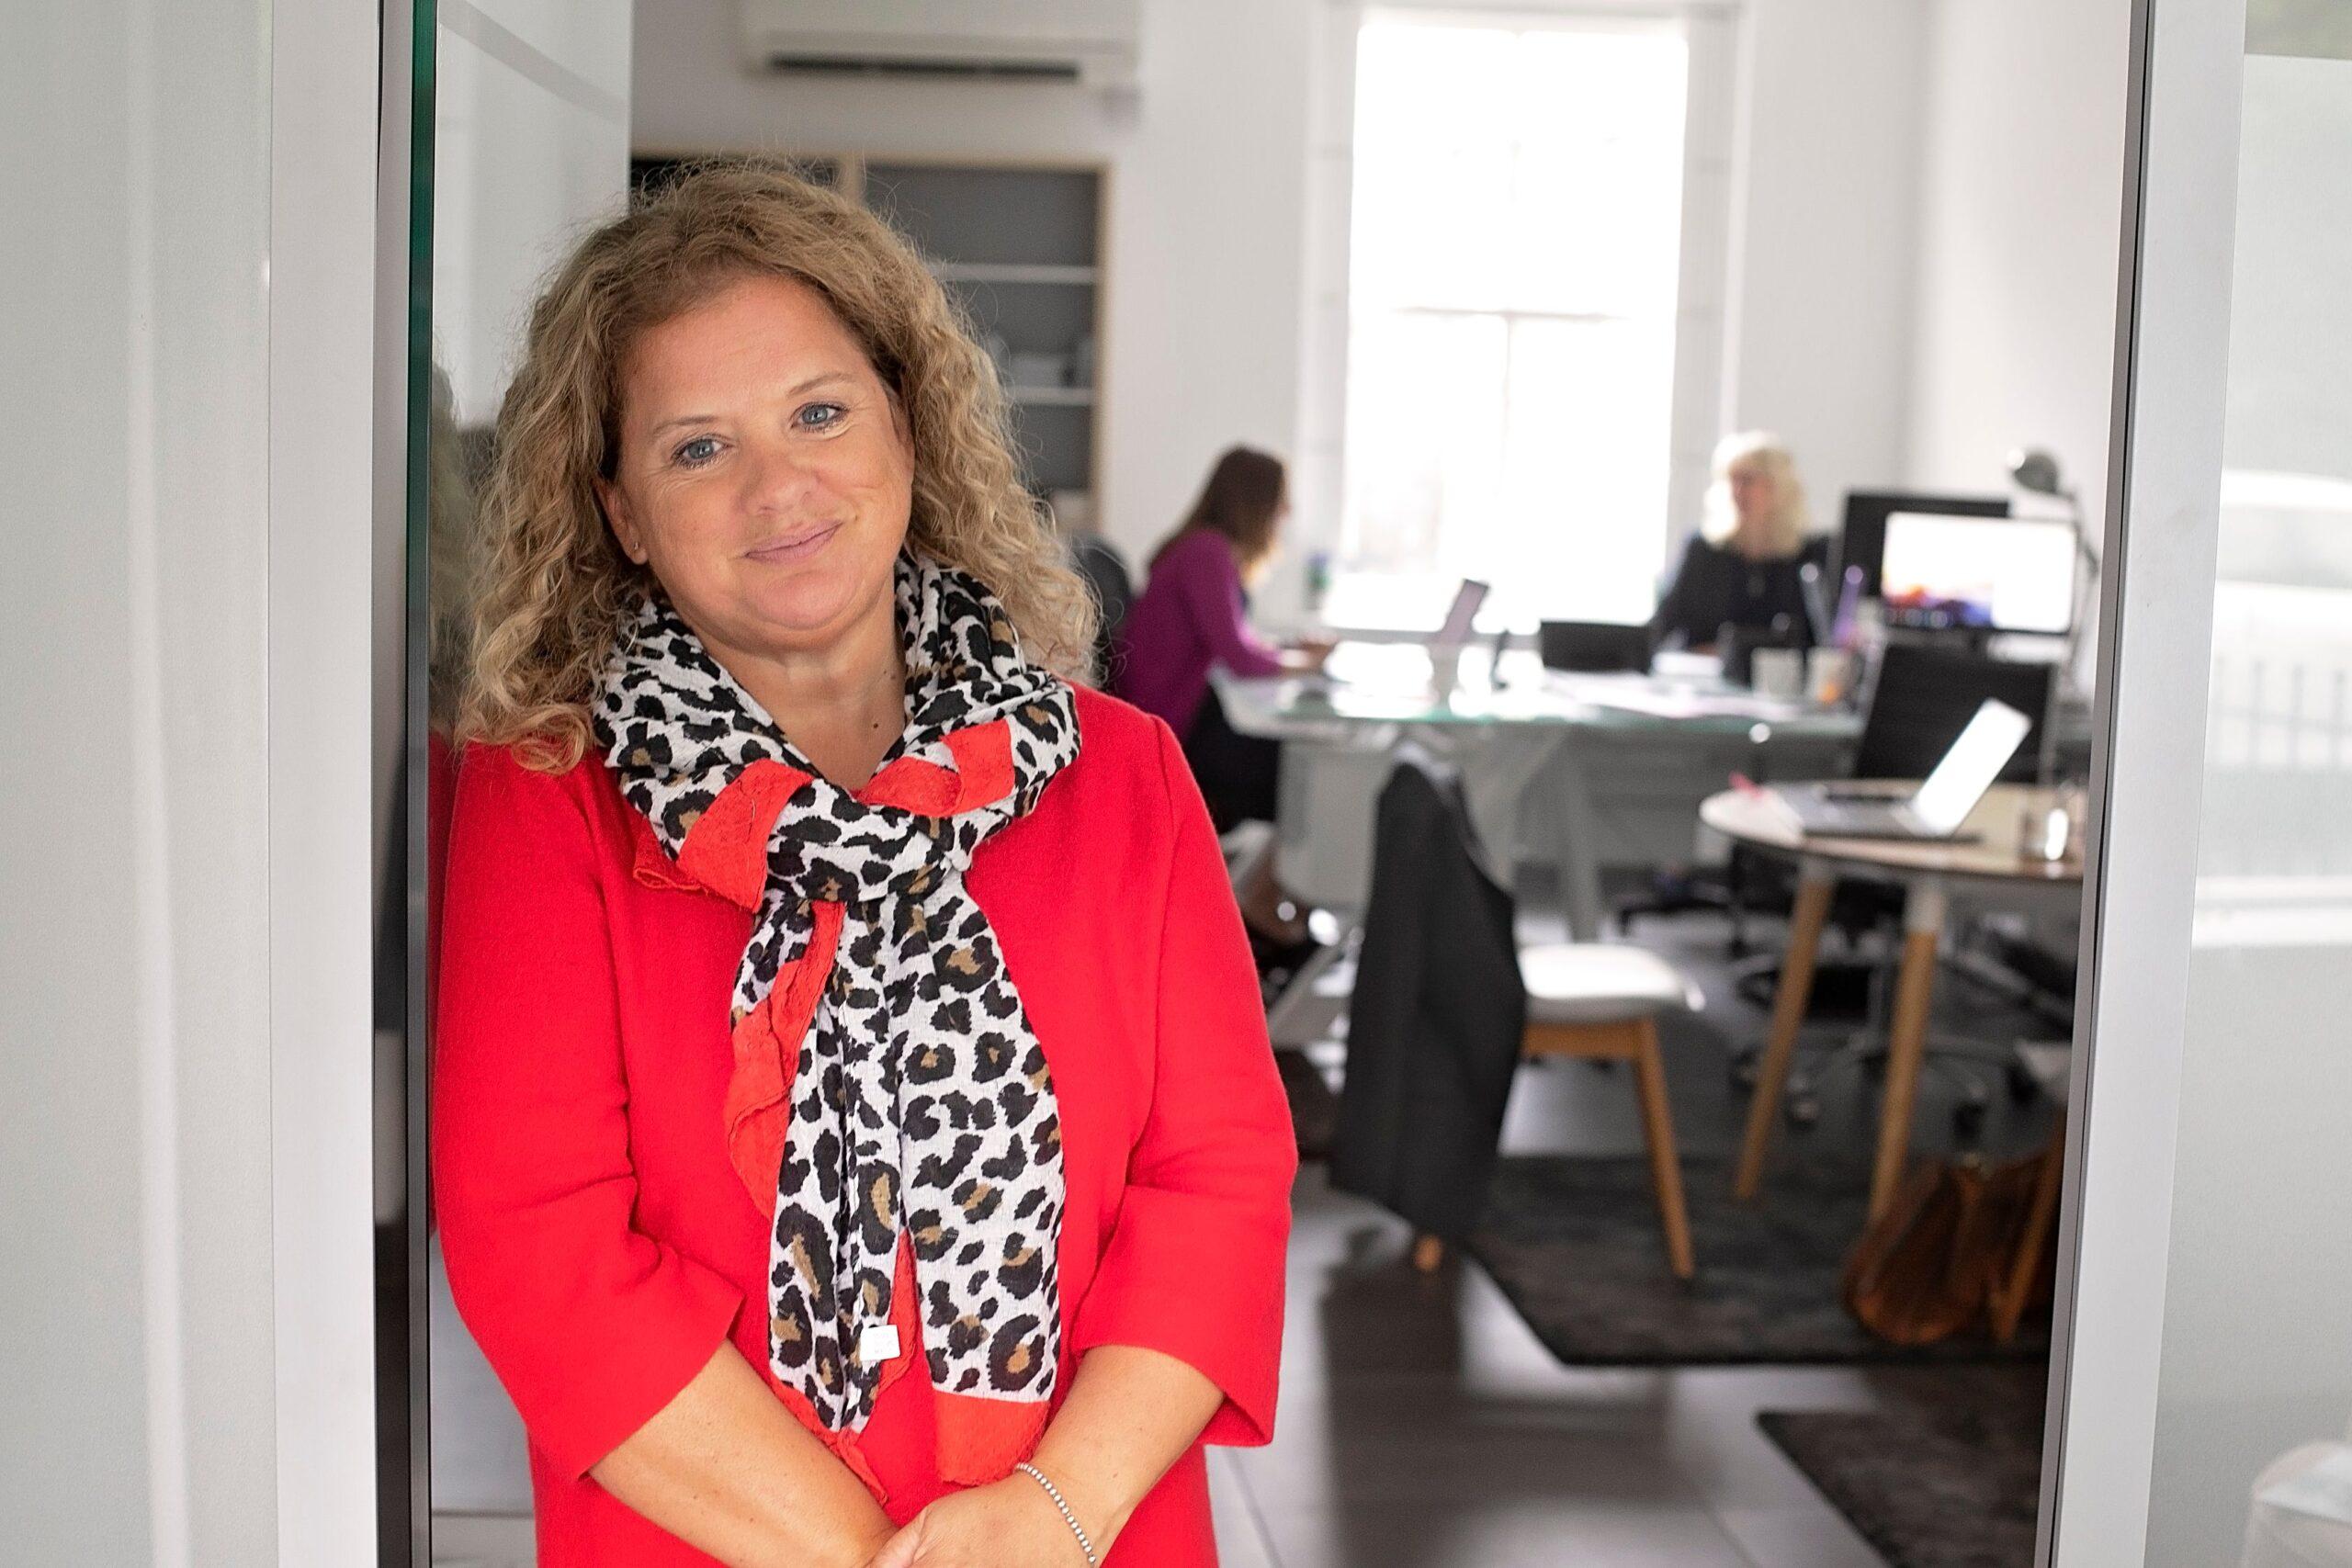 Sarah Siddons of Sarah Siddons Financial Services